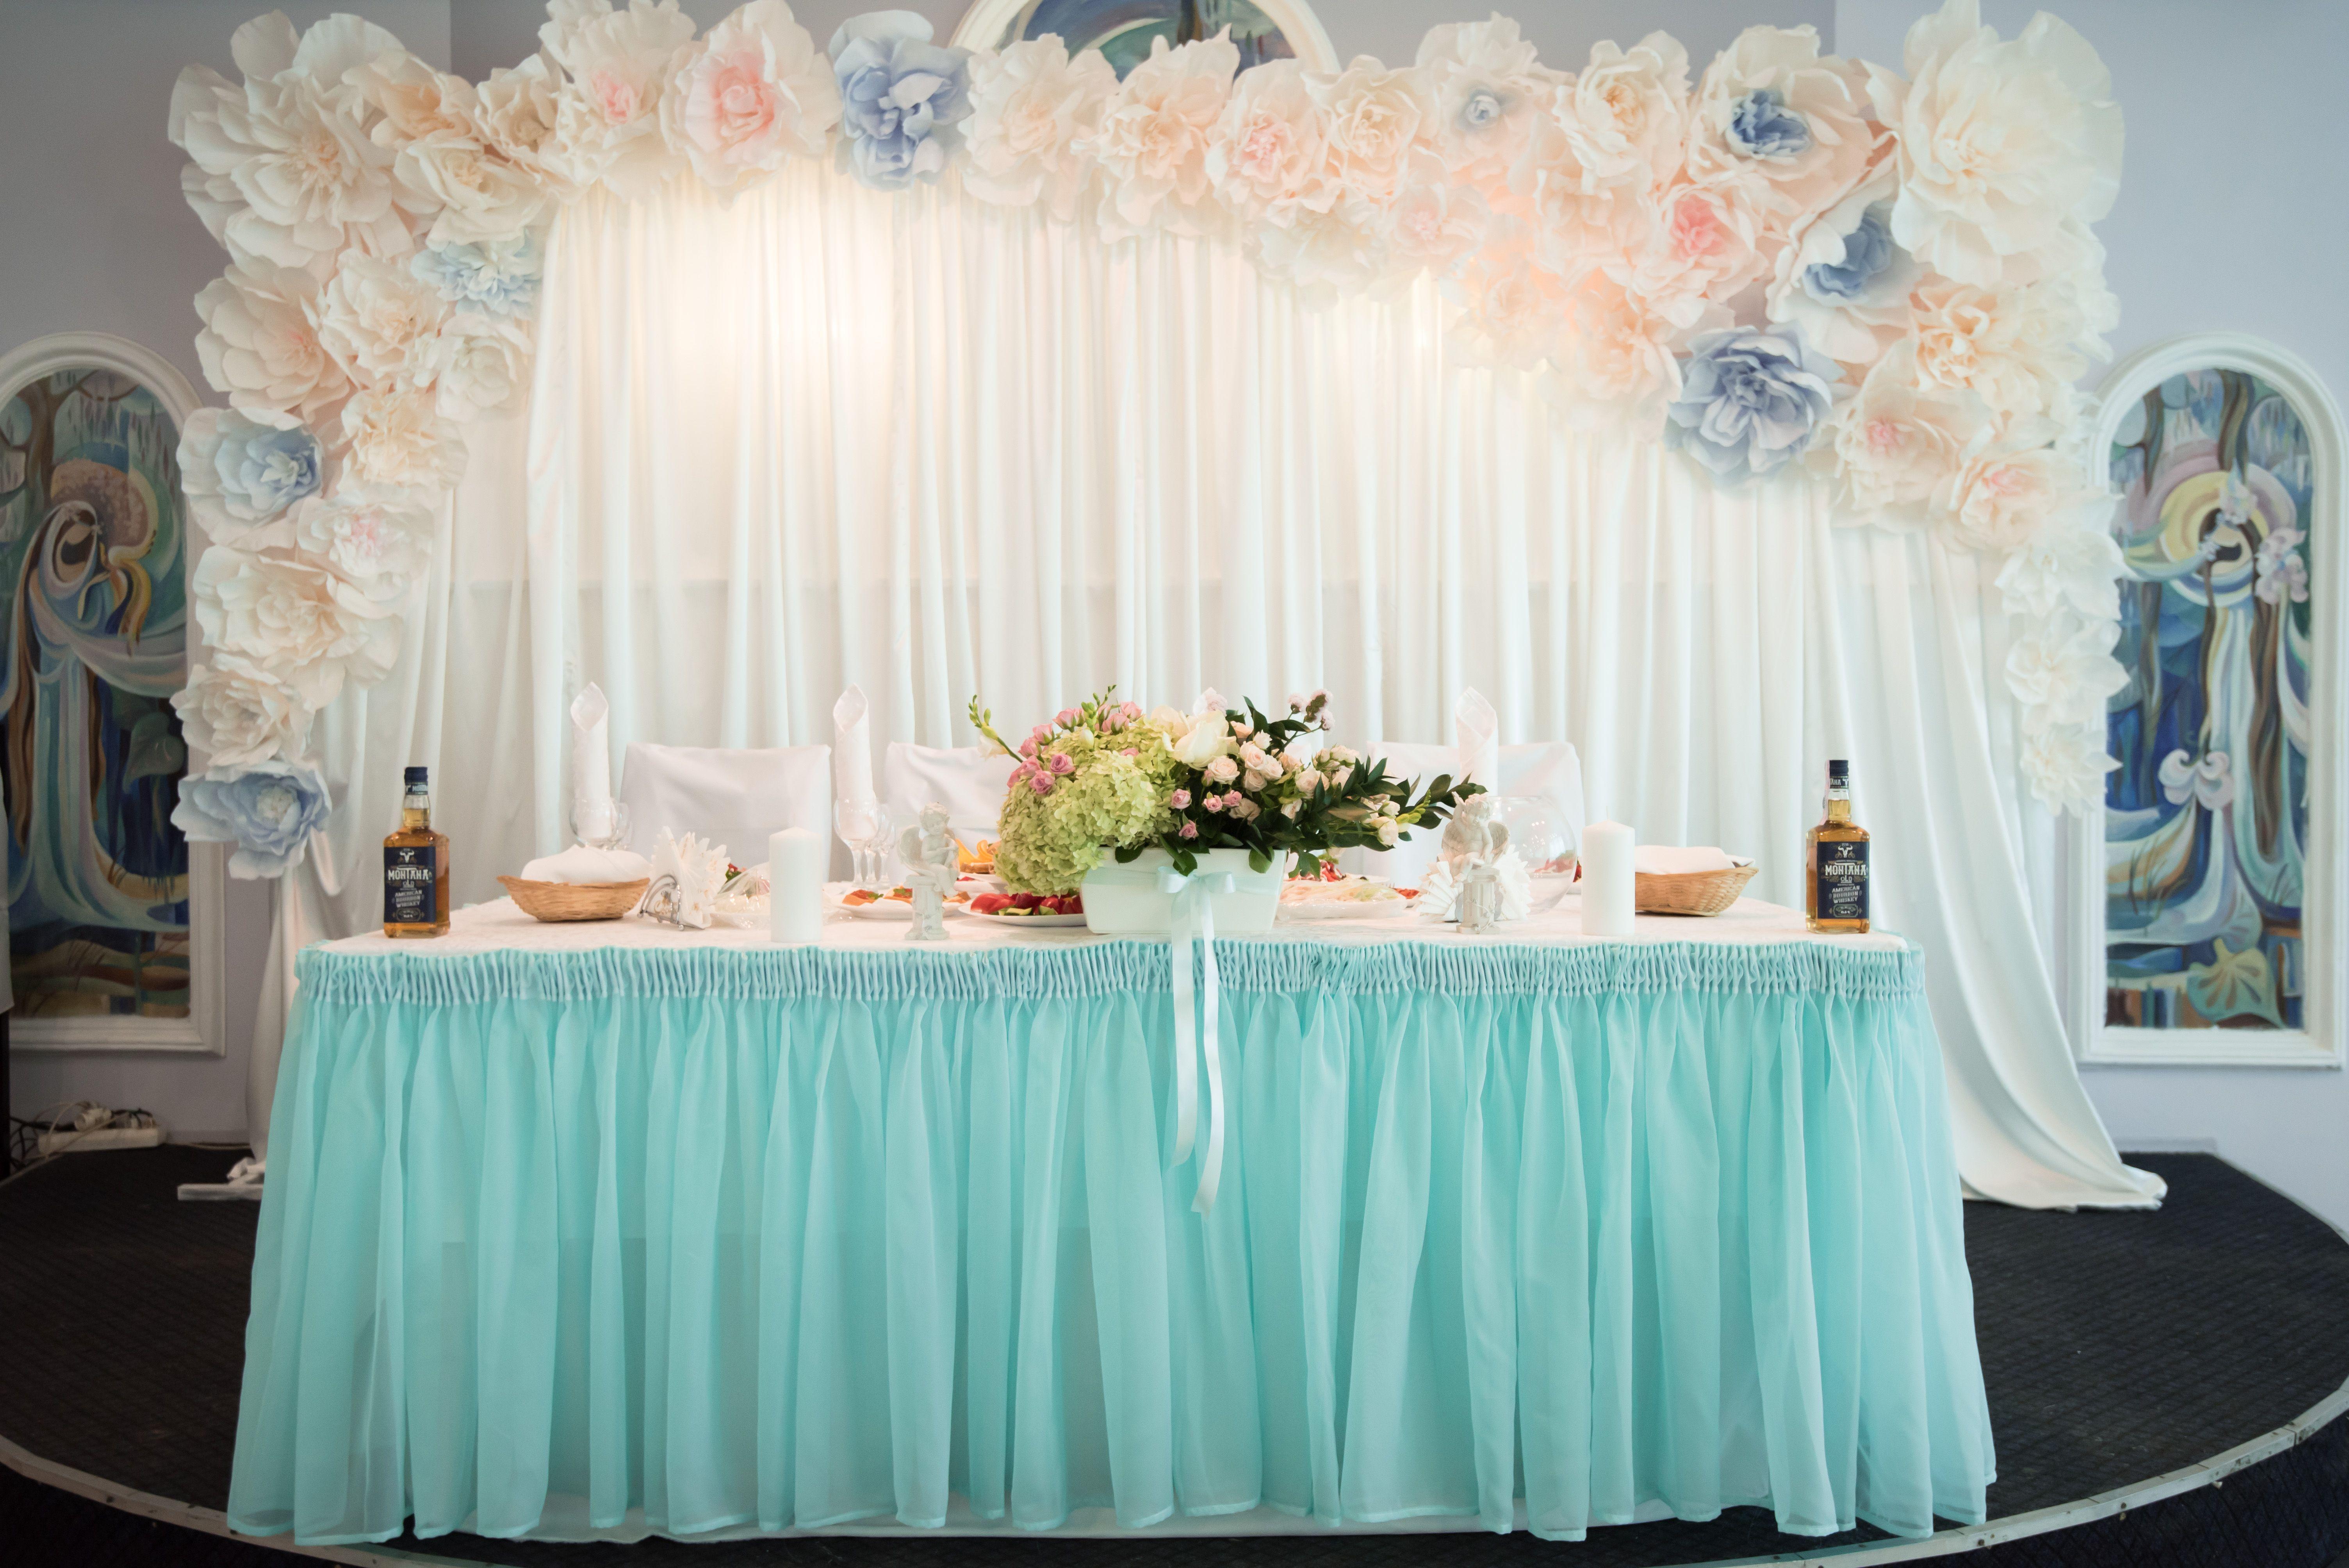 Tavolo reception ~ Allestimento tavolo bomboniere piu confettata per un battesimo i